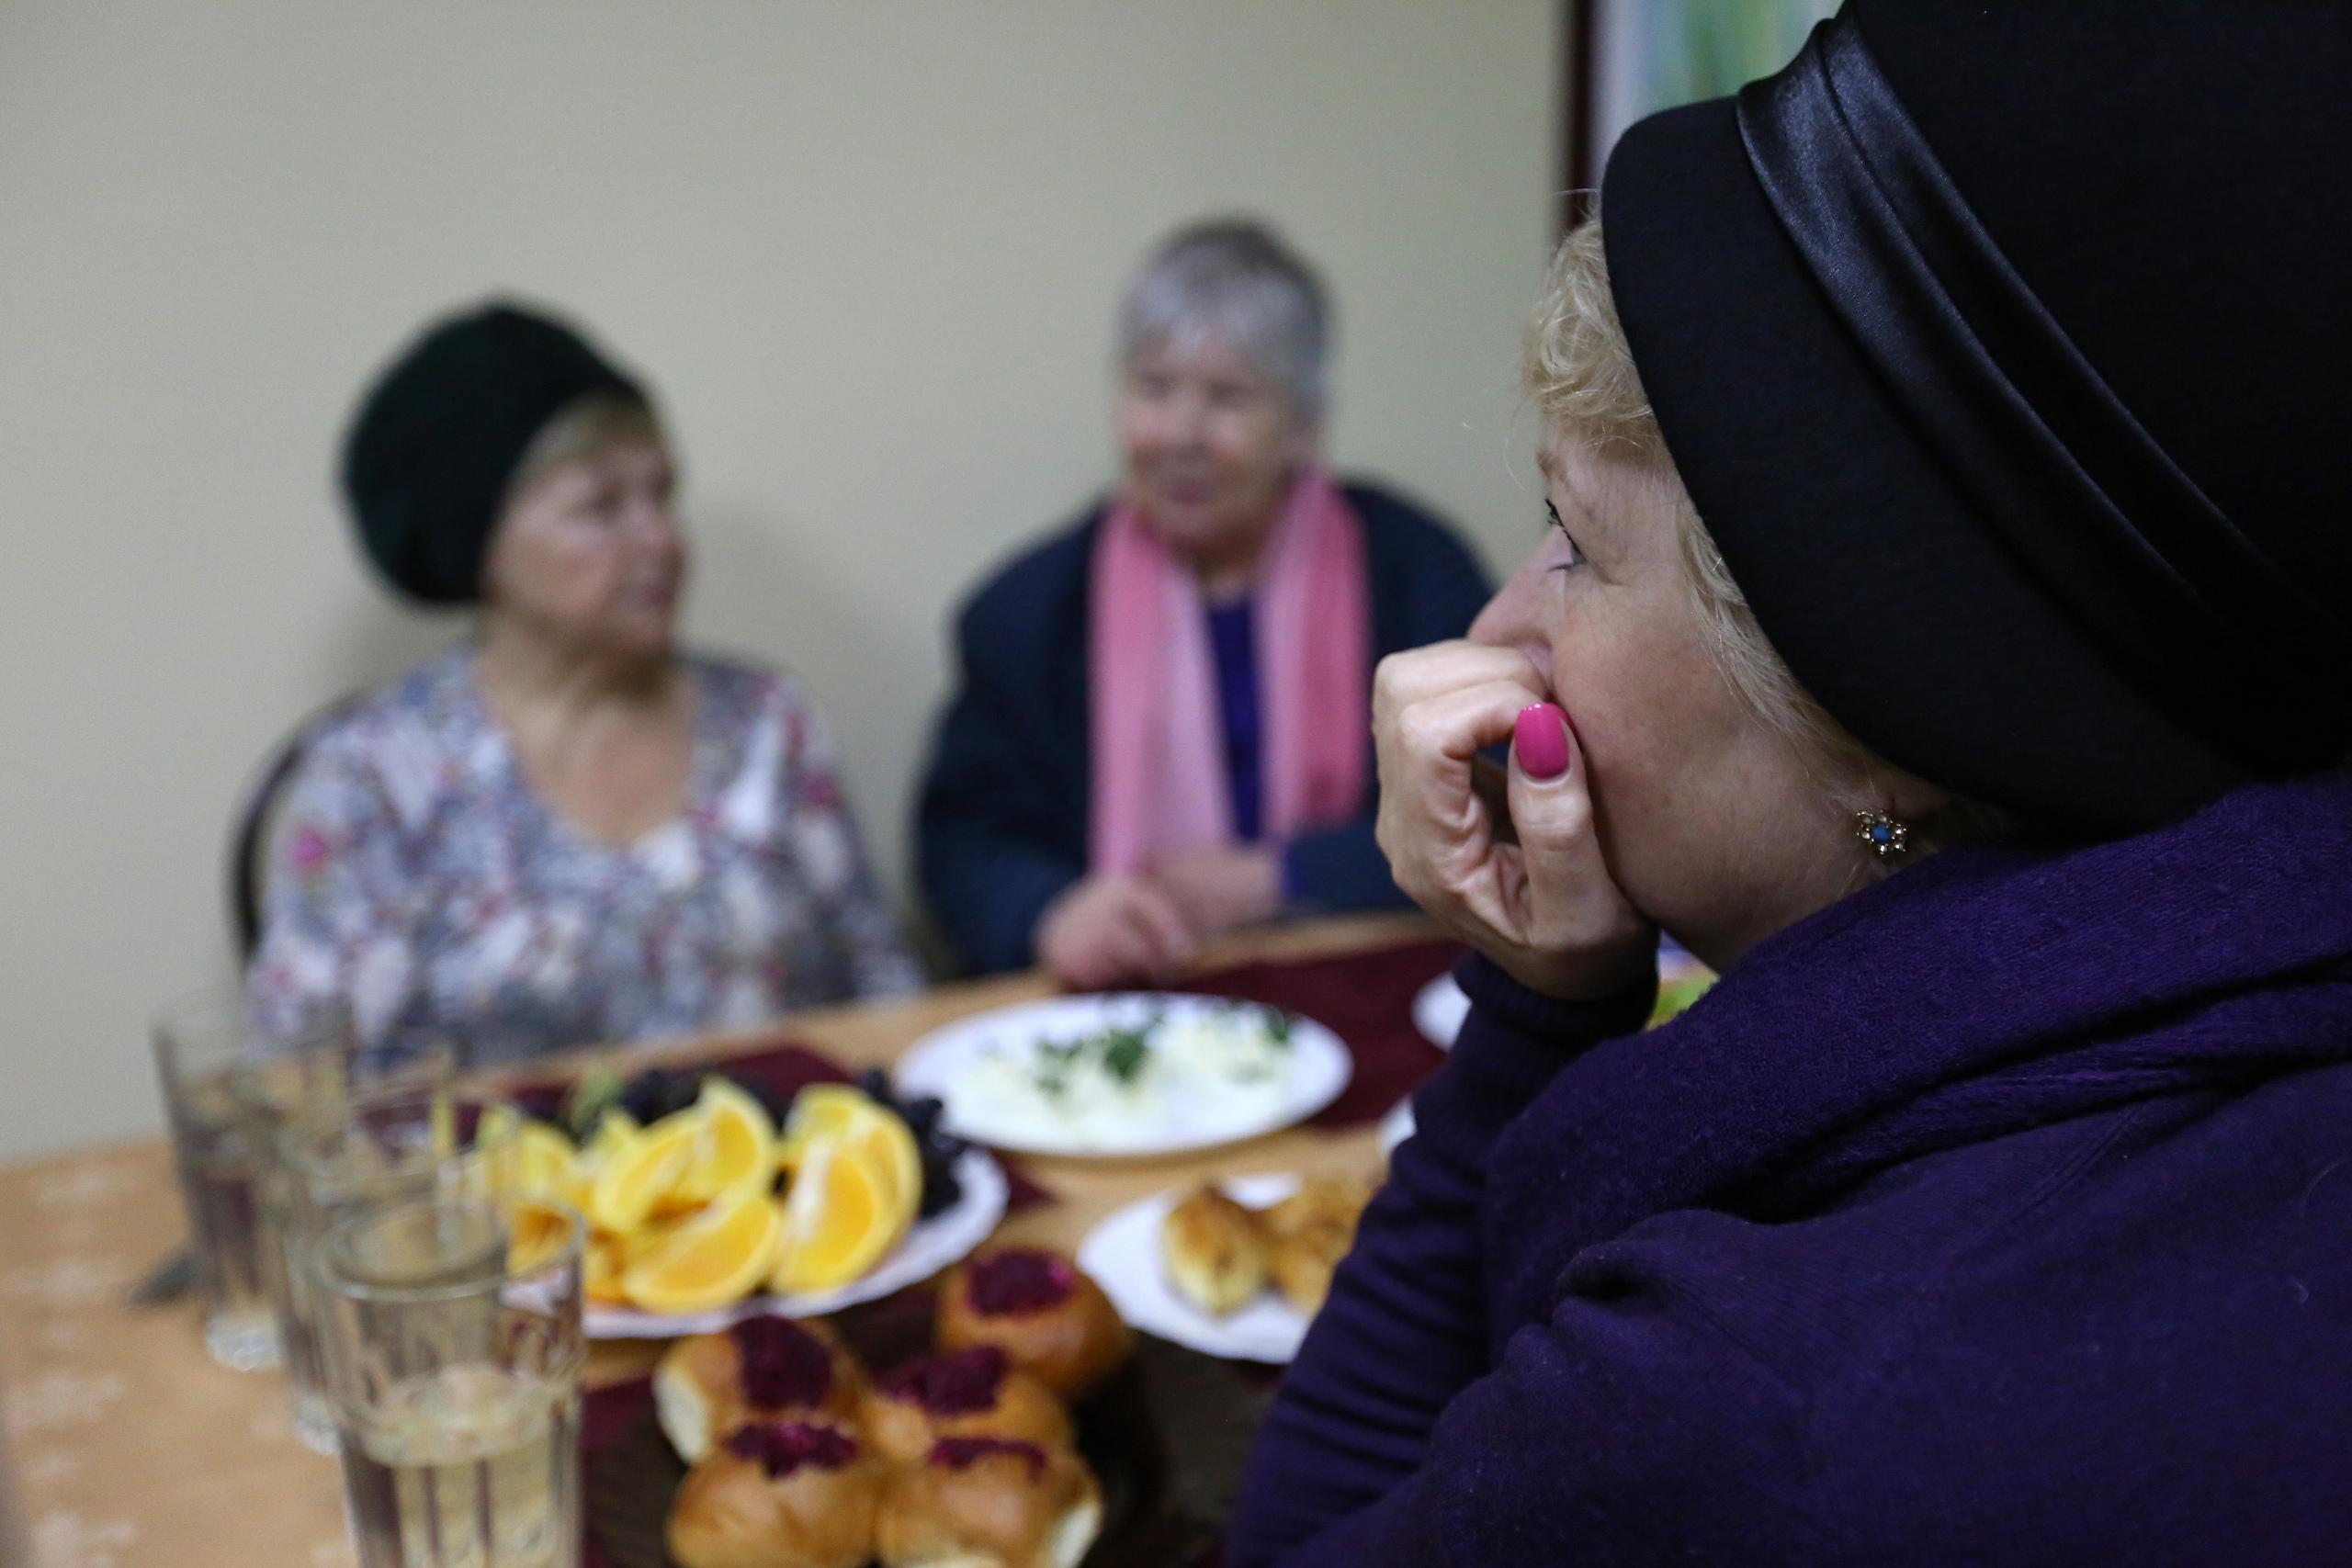 Эмин Агаларов откроет кафе с бесплатными обедами для пенсионеров